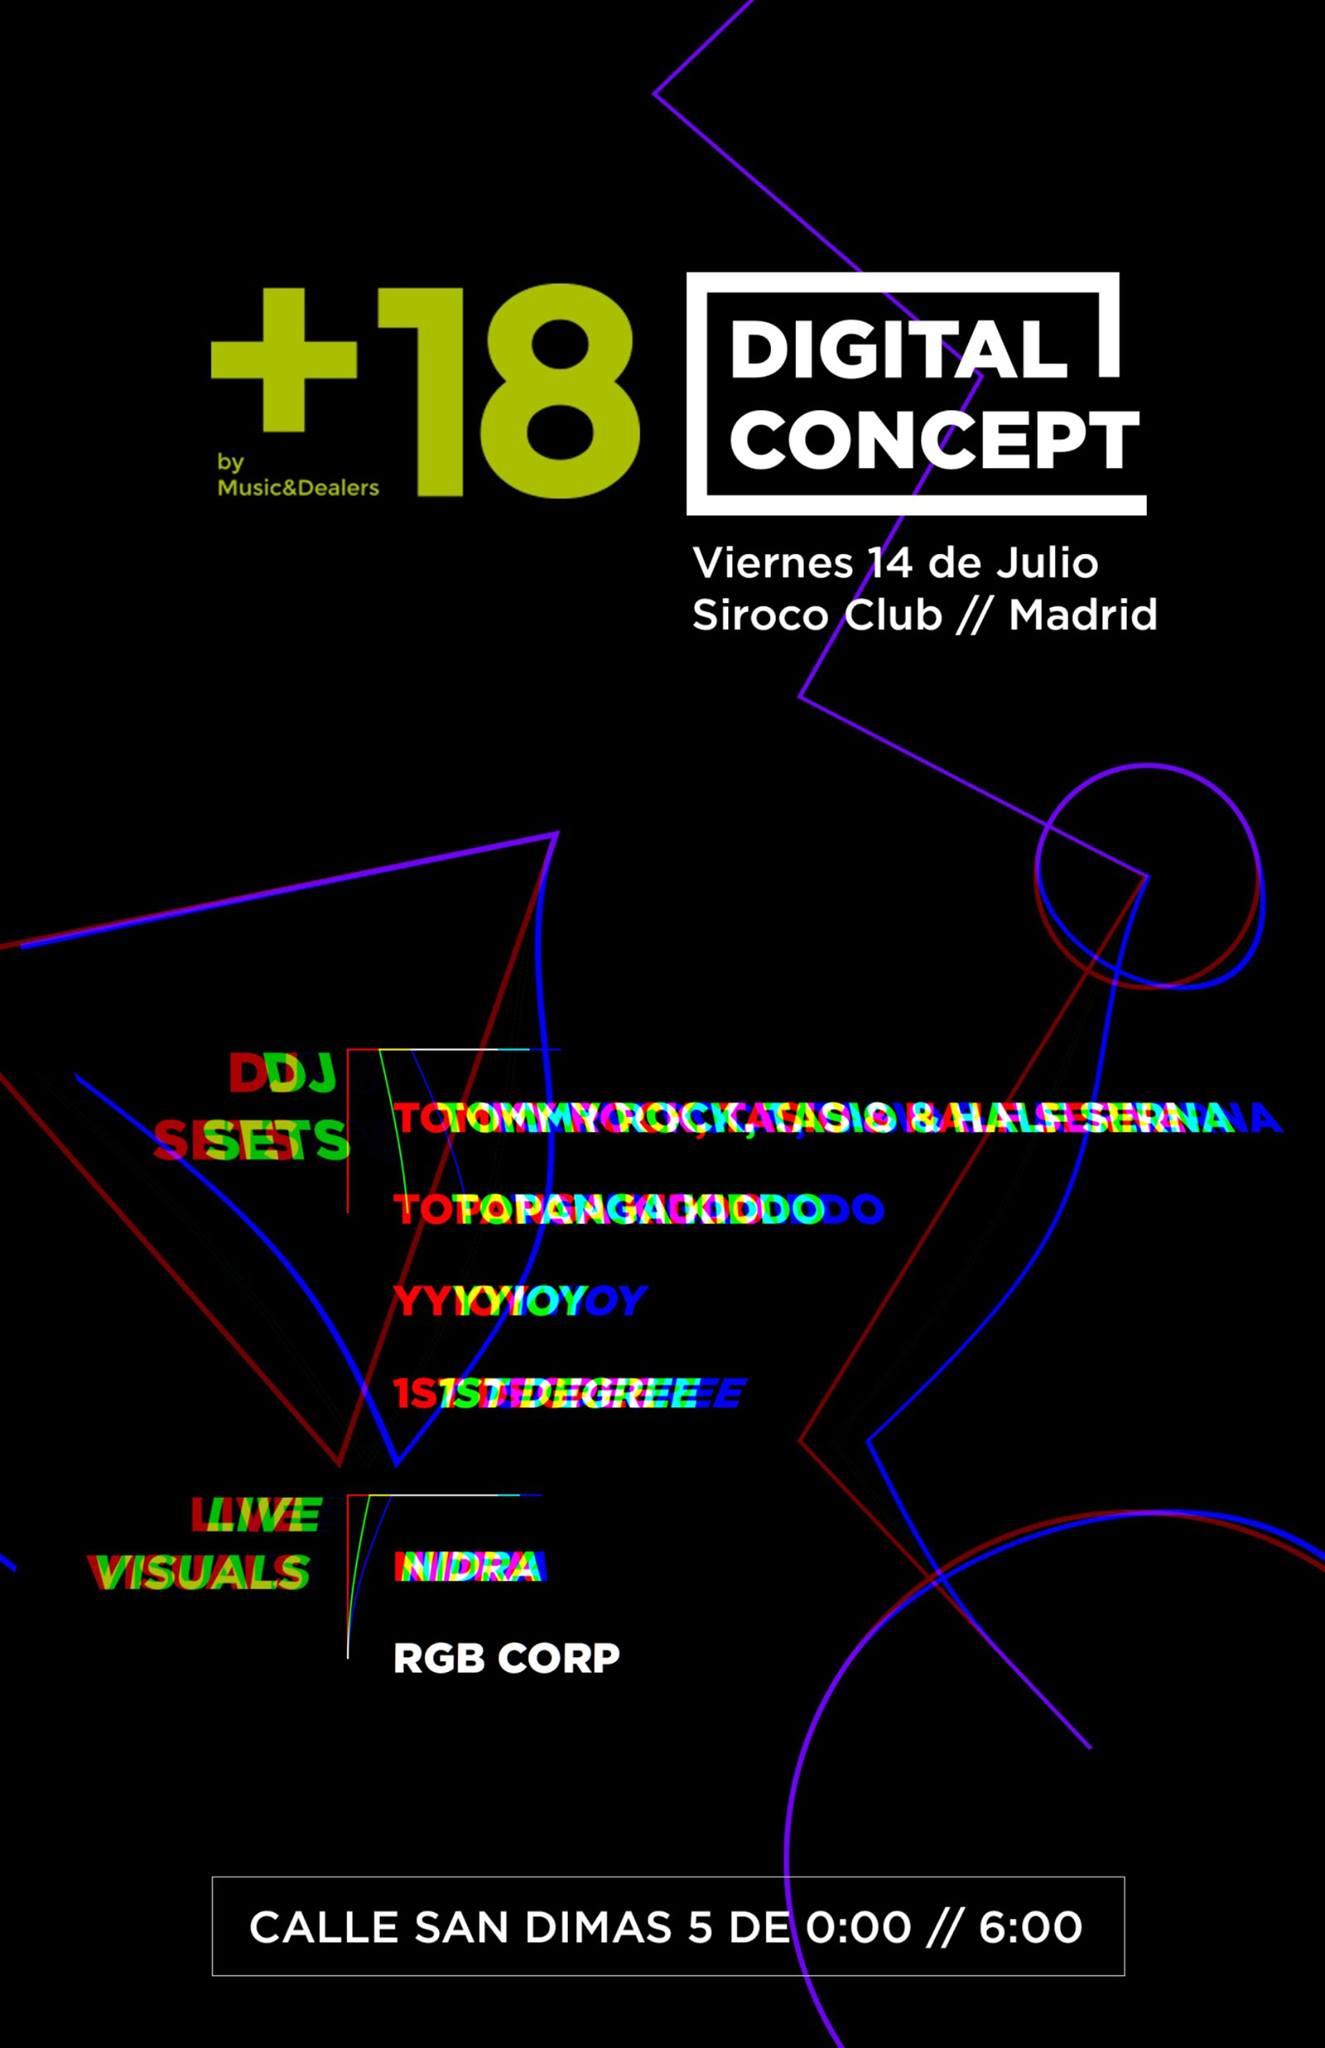 digital concept siroco club rgb corp madrid visuales nidra